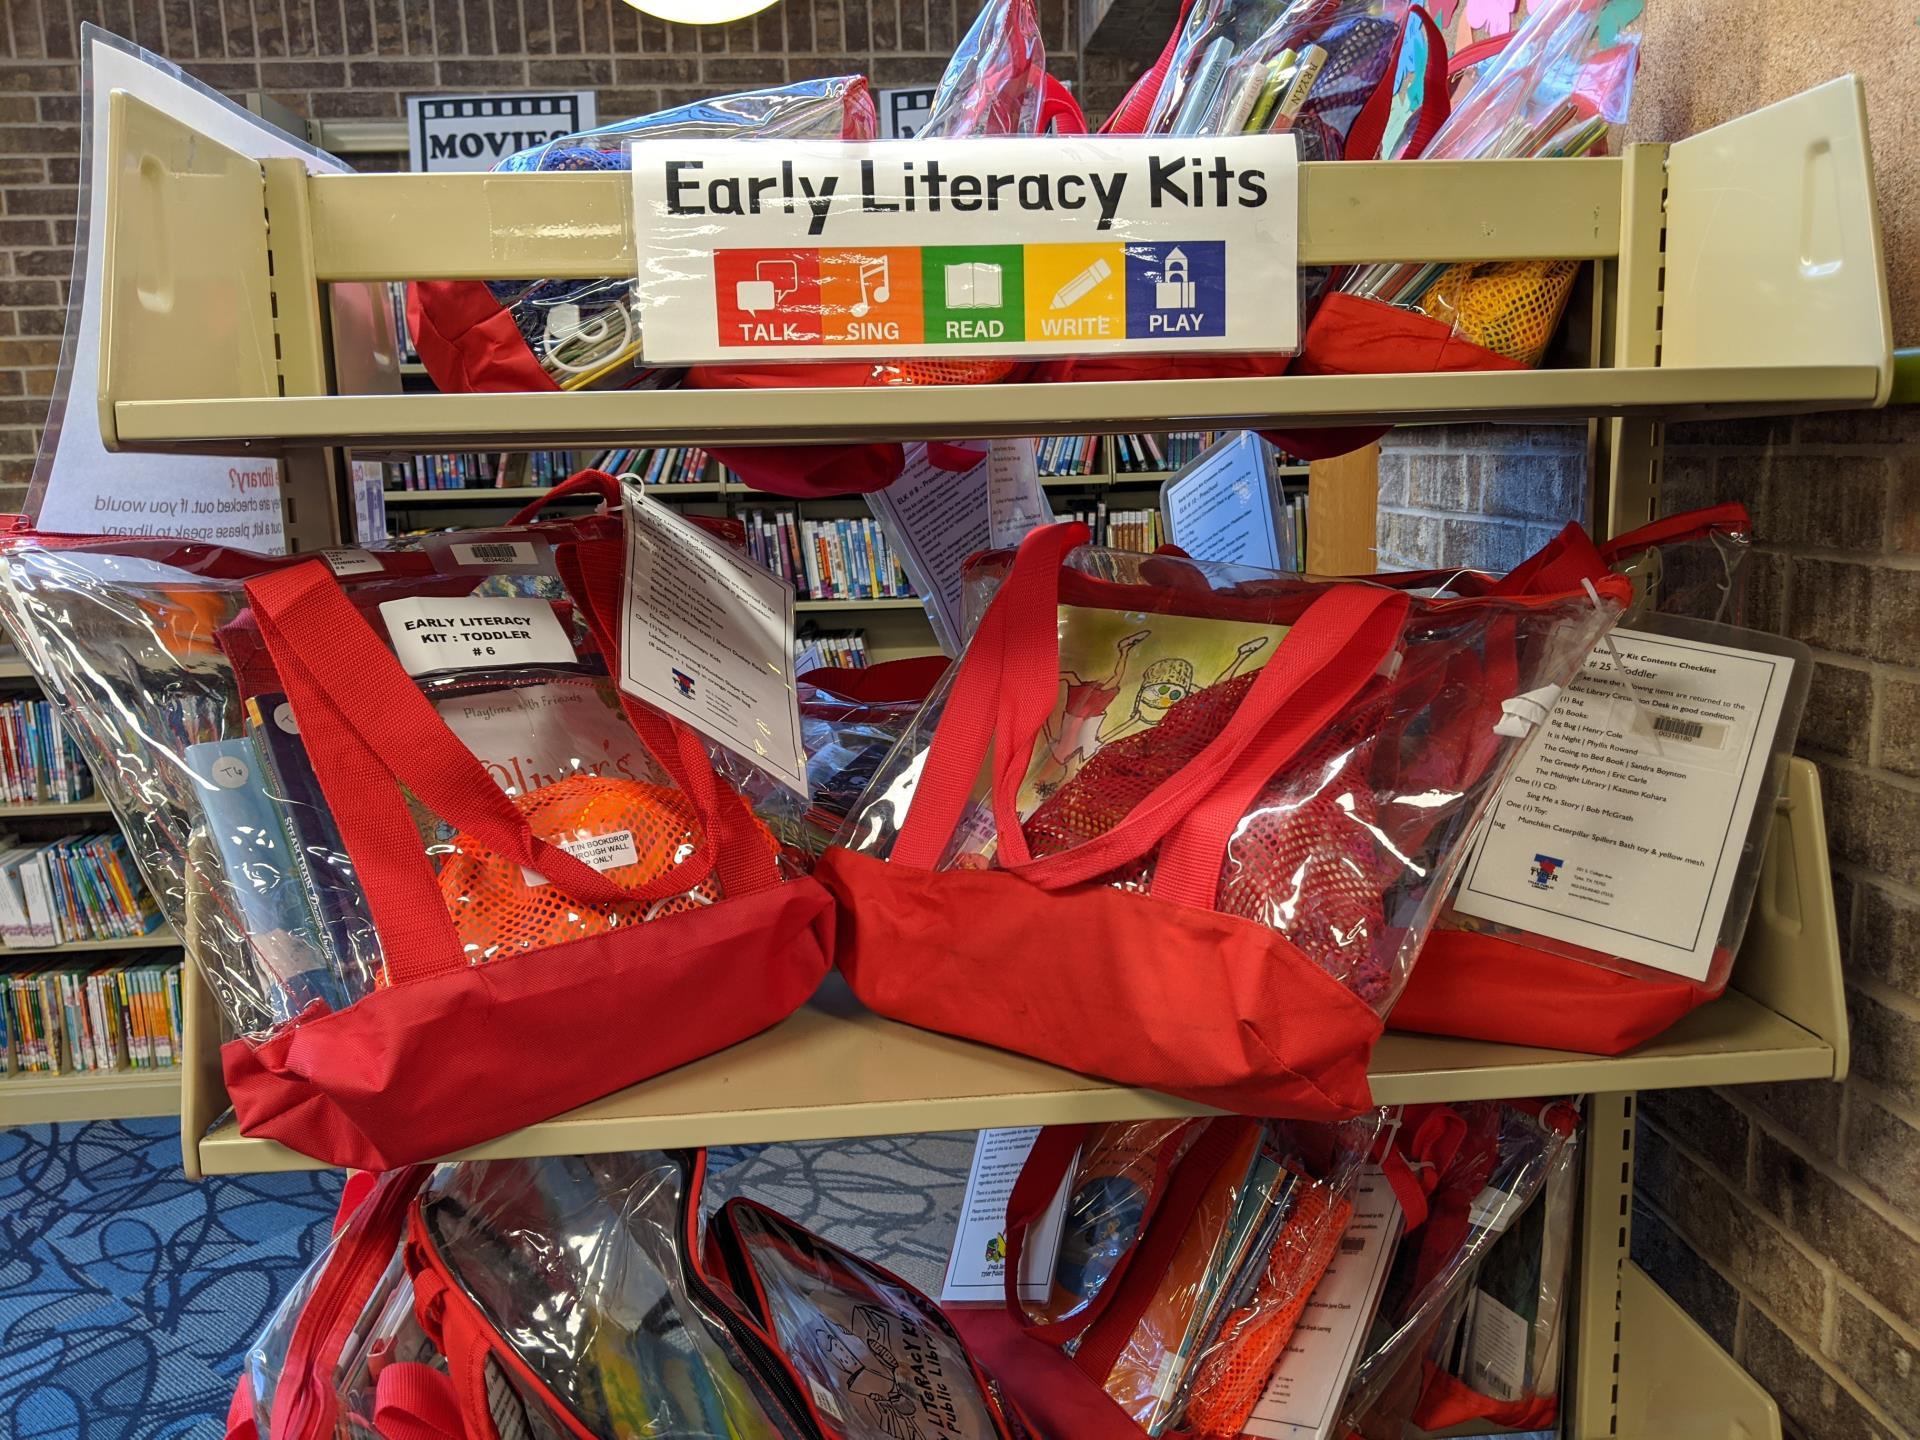 Early Literacy Kits